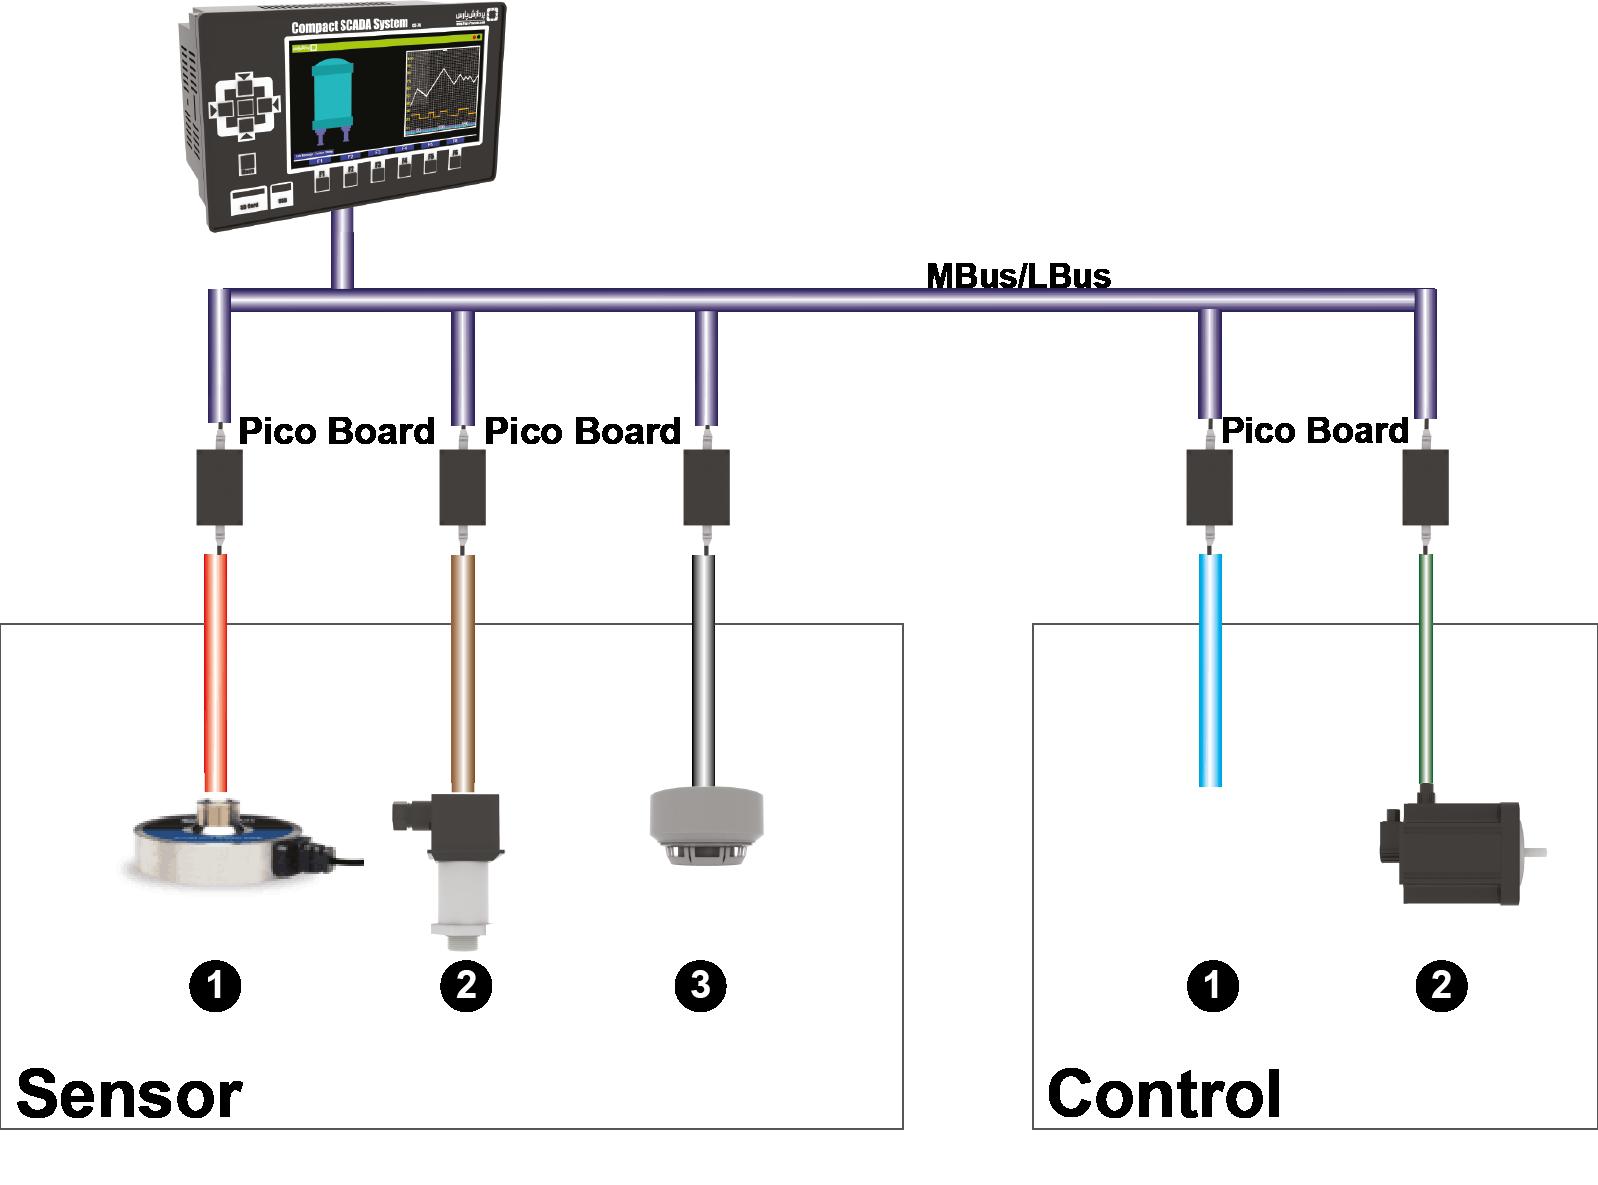 Towbar wiring diagram xsara picasso schematics and wiring diagrams on citroen xsara towbar wiring diagram Citroen Xsara VTS Citroen Pluriel